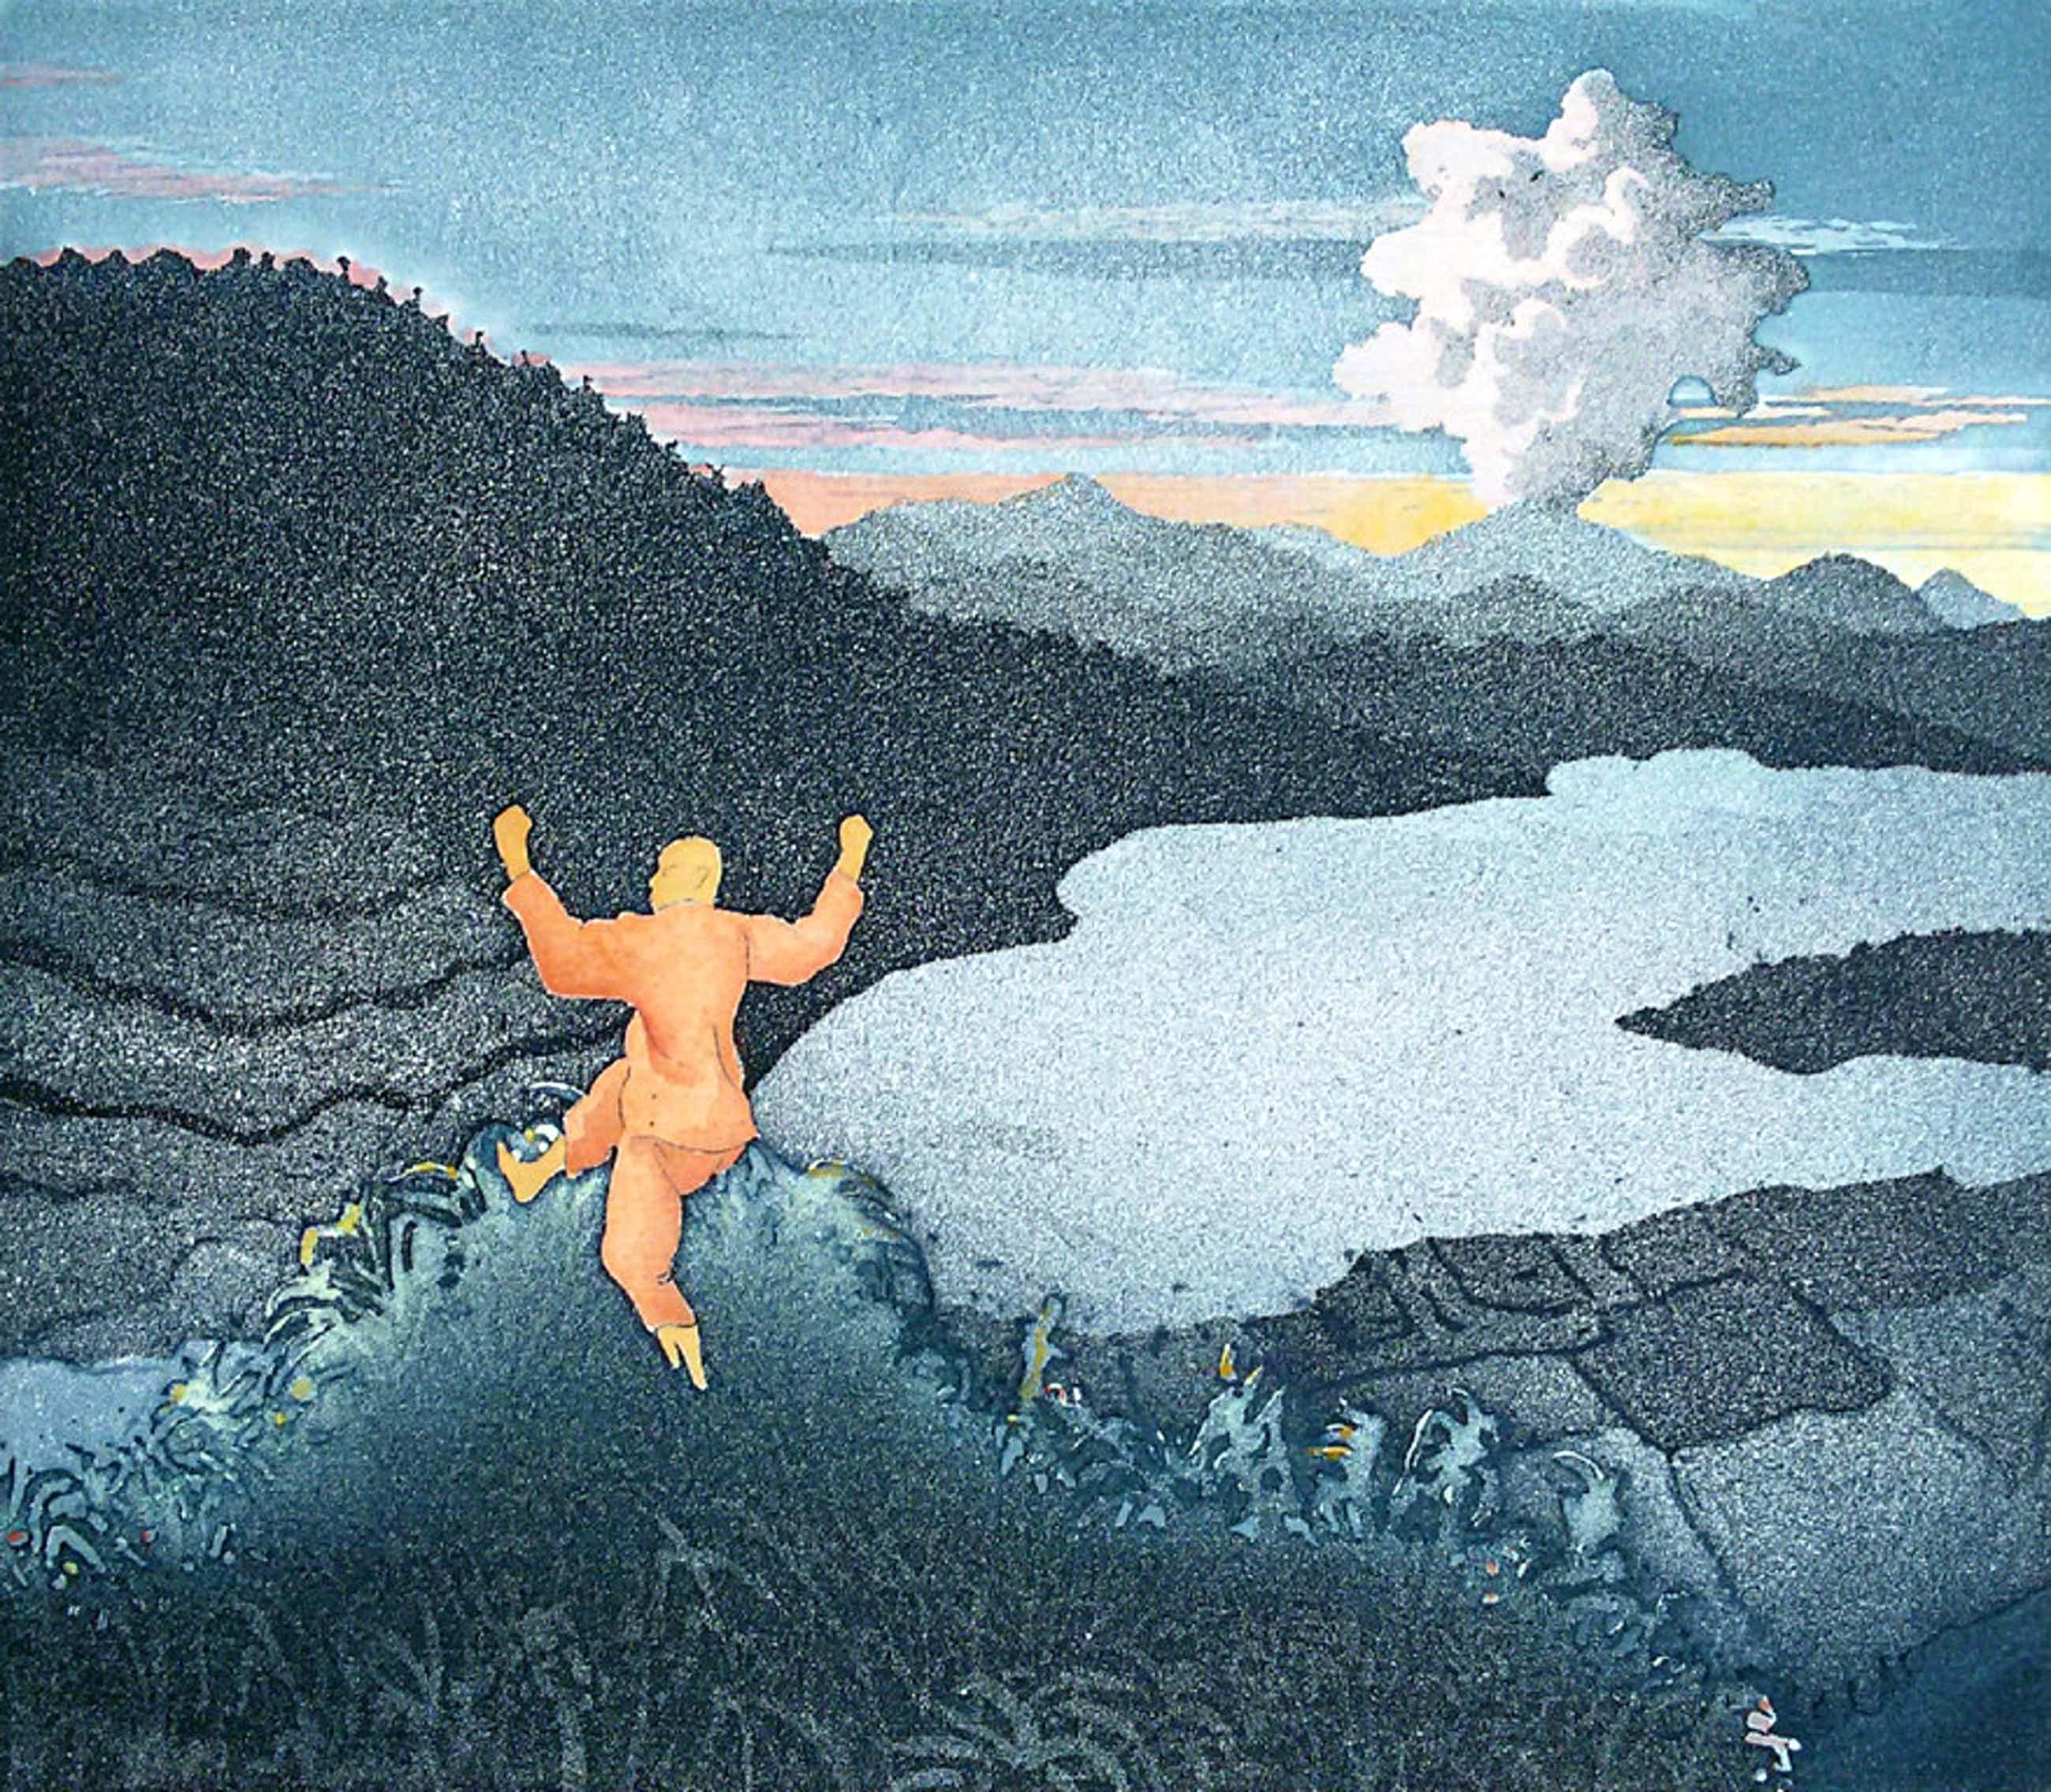 Sjoerd Bakker - Springende man in Aziatisch landschap, aquatint ets kopen? Bied vanaf 110!